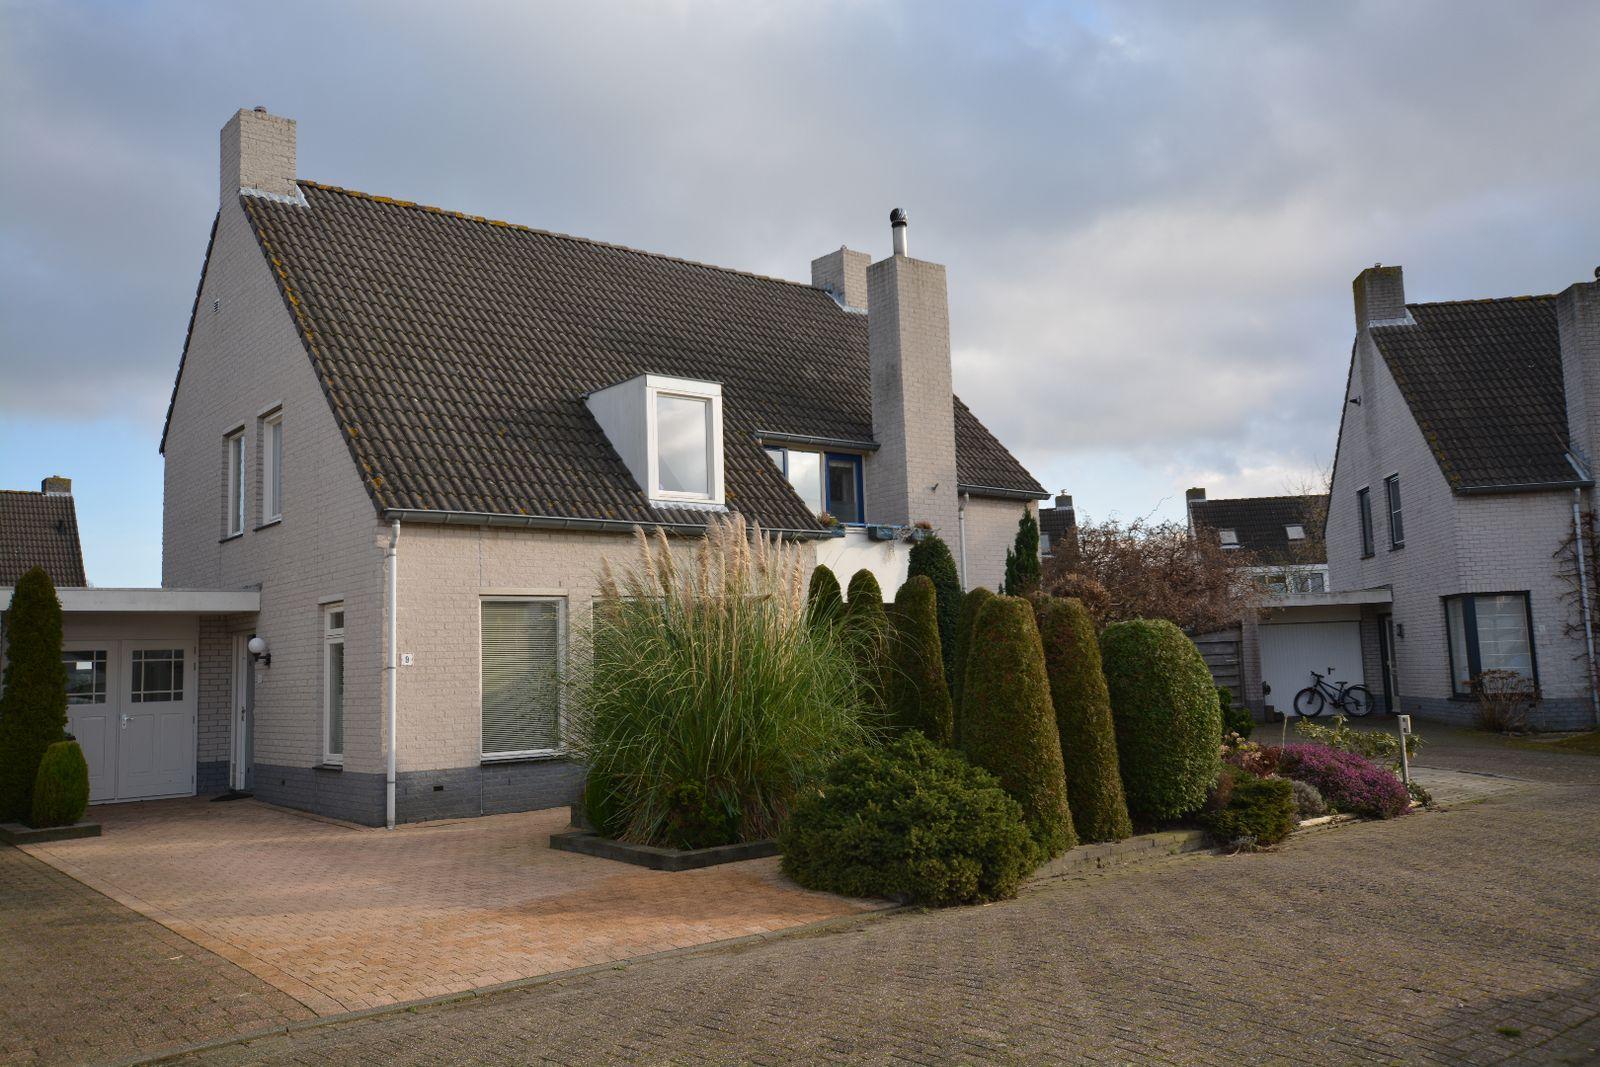 Fortplein 9, Steenbergen